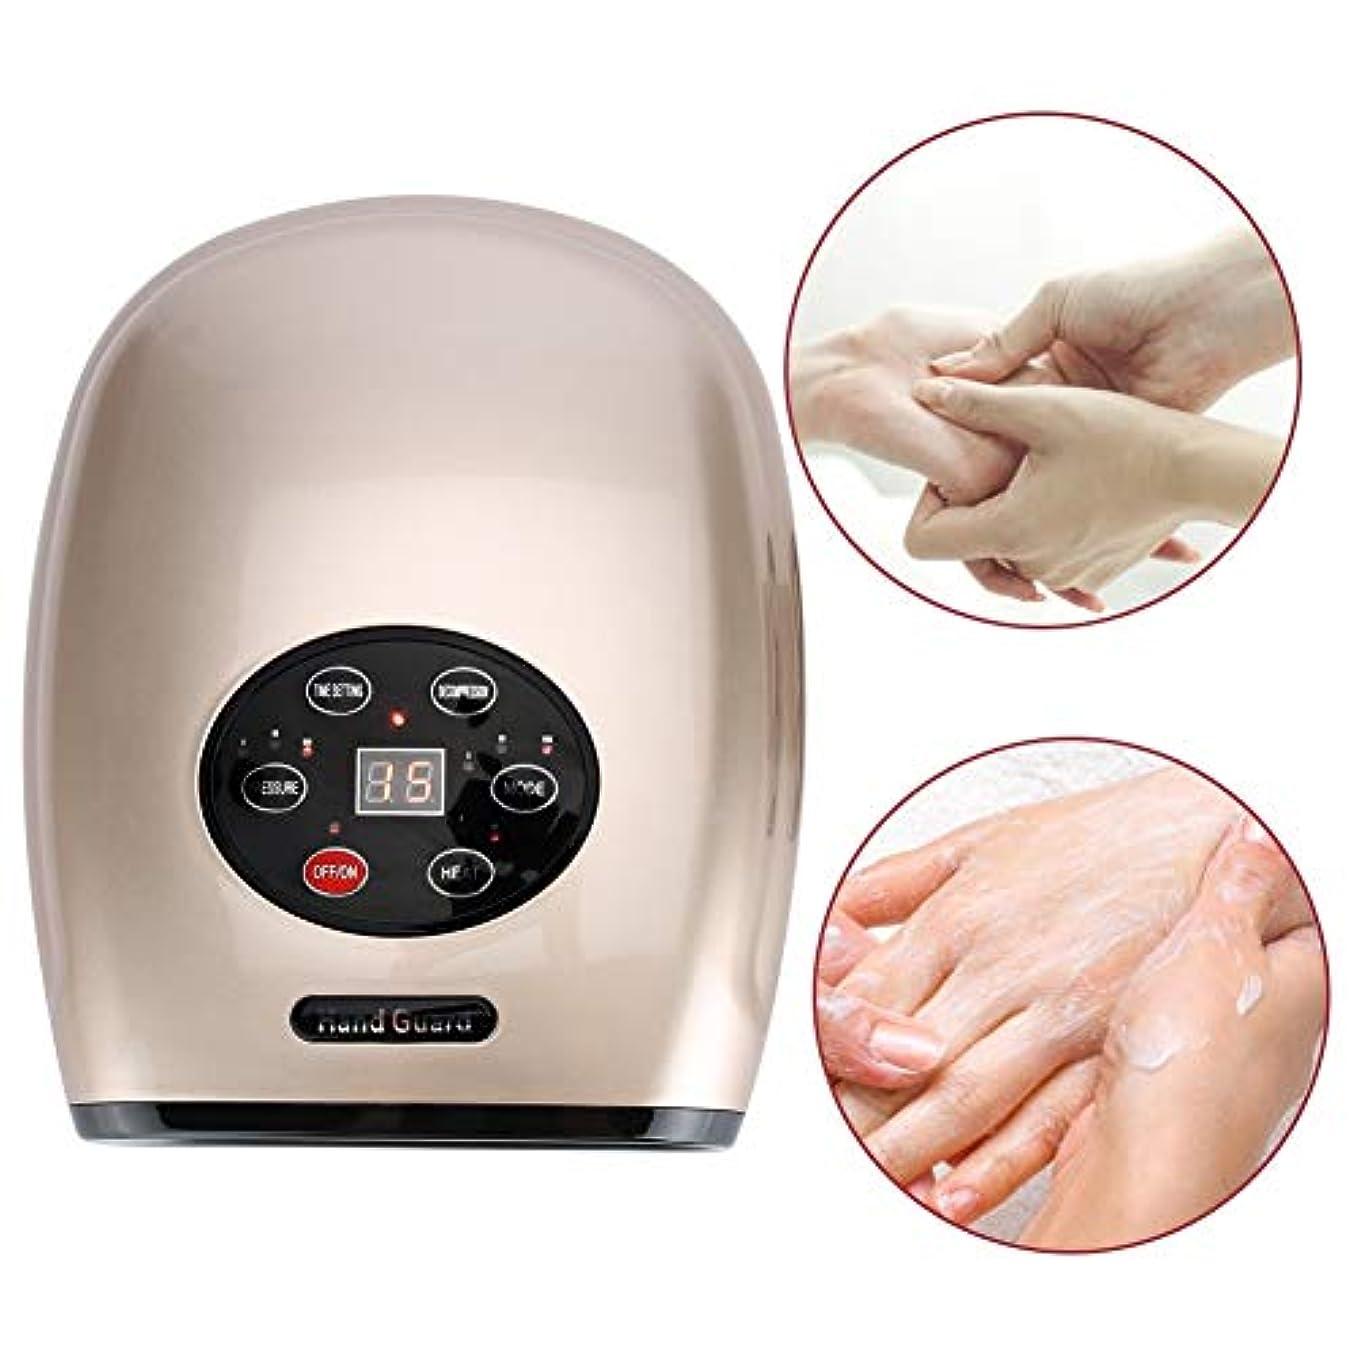 法廷メーター疾患電気指圧手のひらマッサージ、指の寒さひずみとしびれリリーフフィンガーアポイントマッサージリリーフハンドケアツール(Gold US Plug)